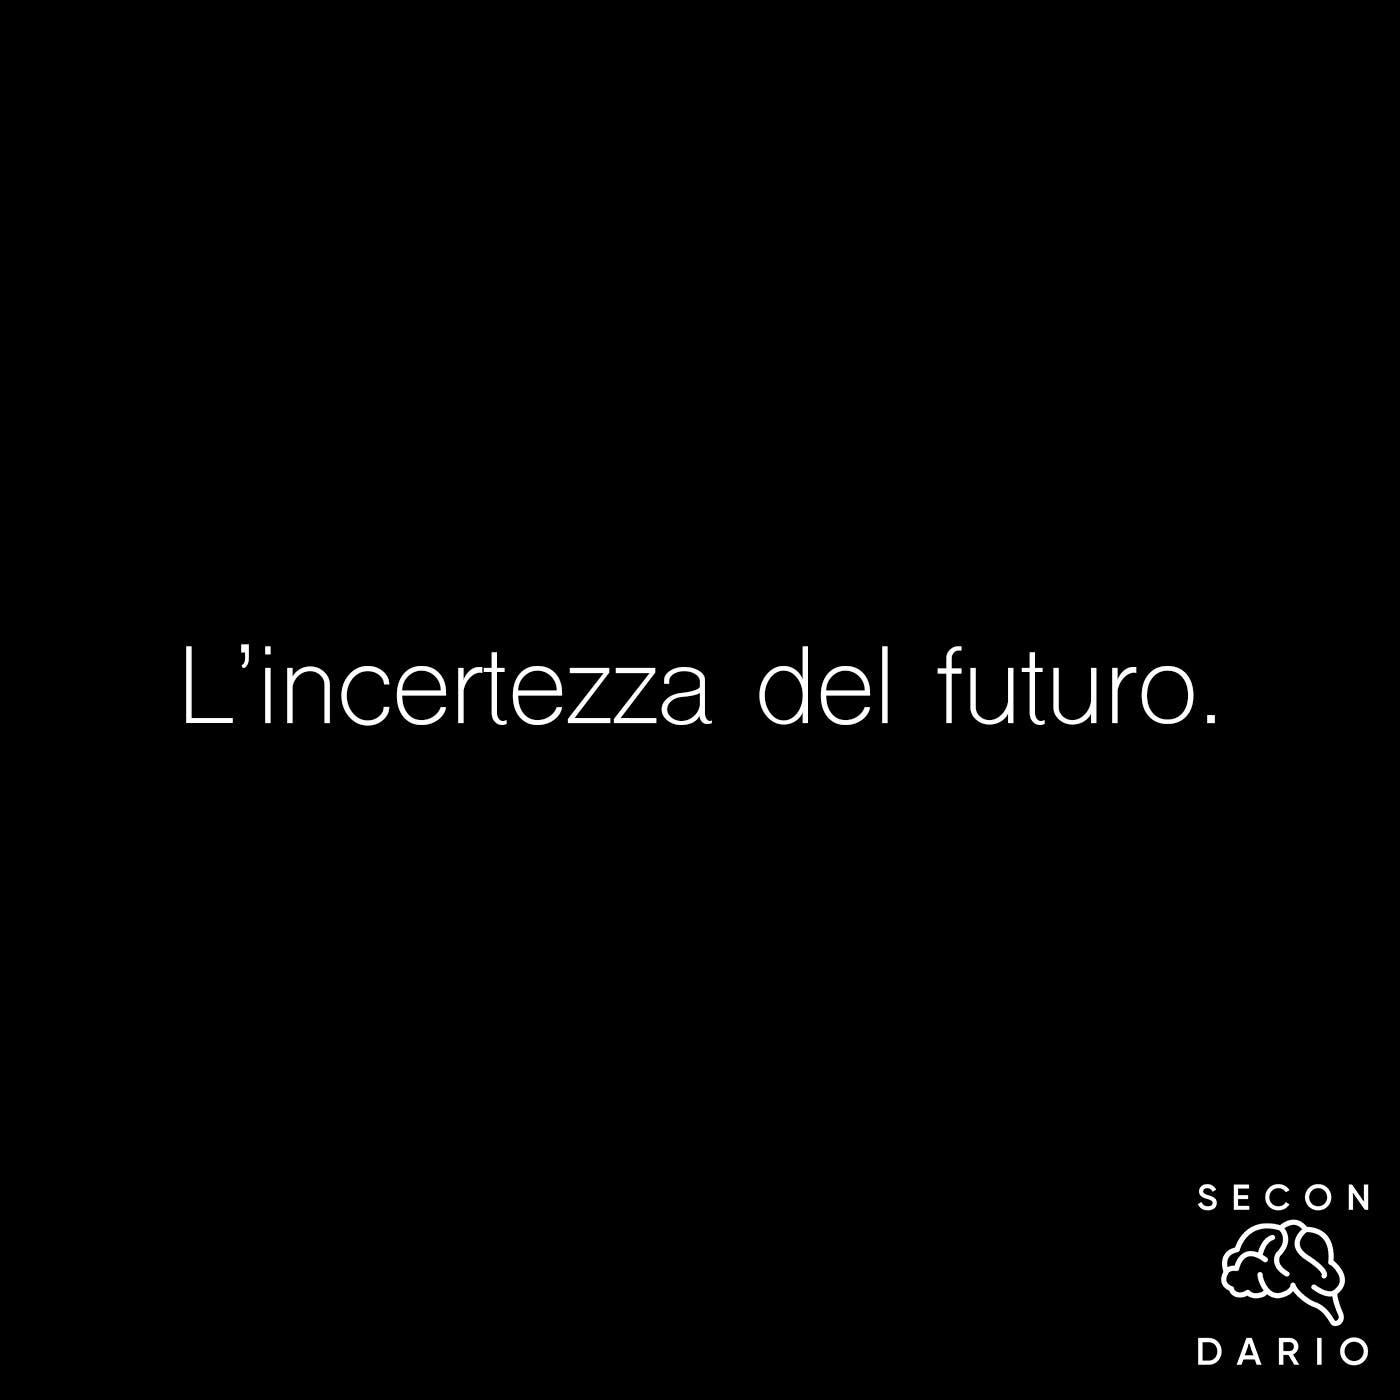 L'incertezza del futuro.